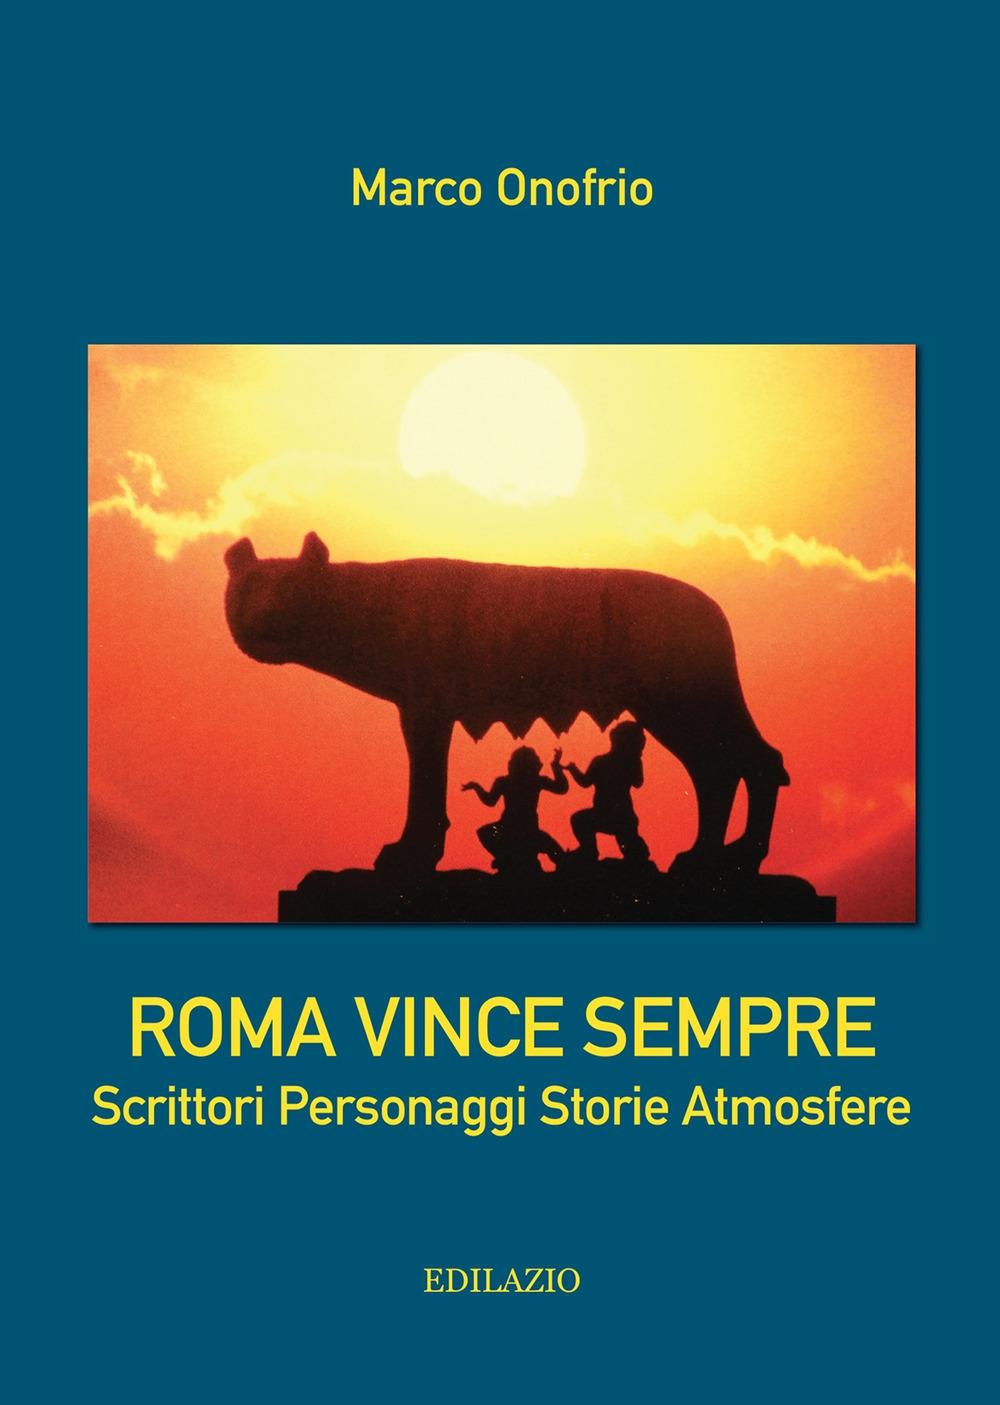 Roma vince sempre. Scrittori, personaggi, storie, atmosfere